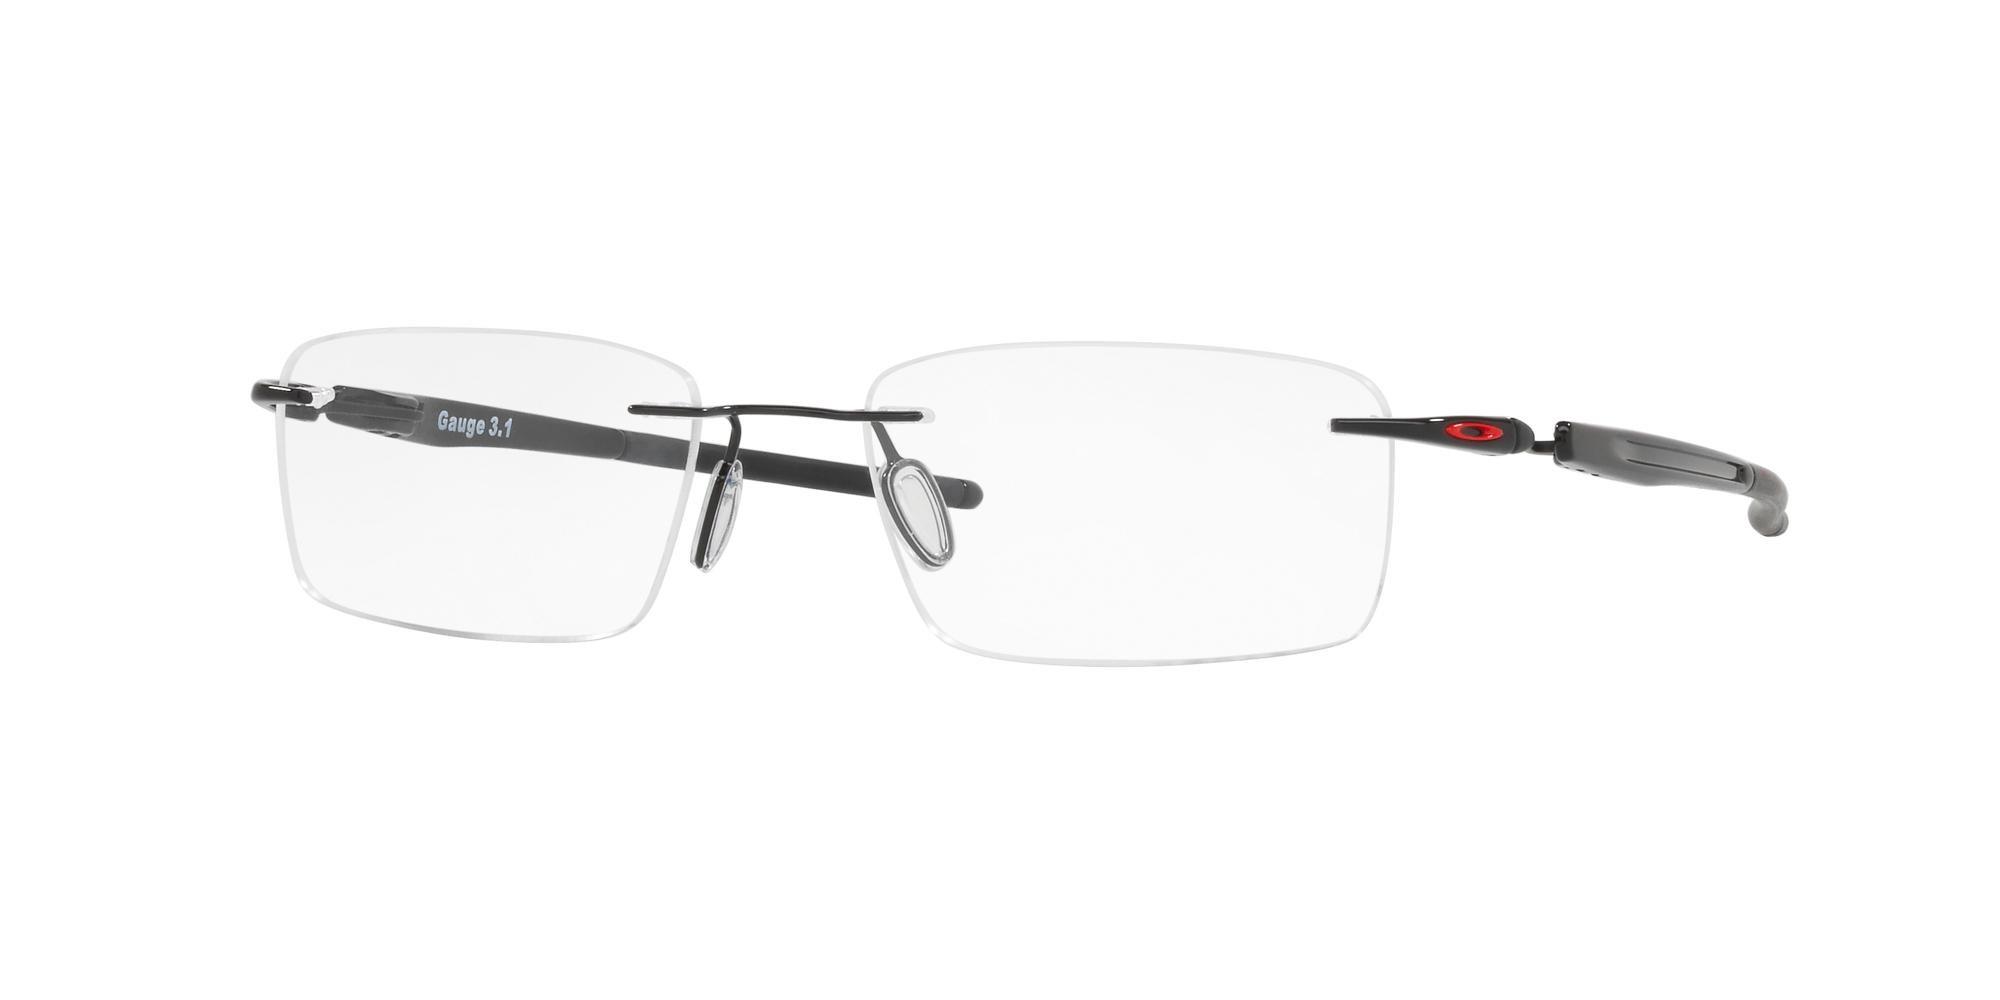 Oakley eyeglasses GAUGE 3.1 OX 5126